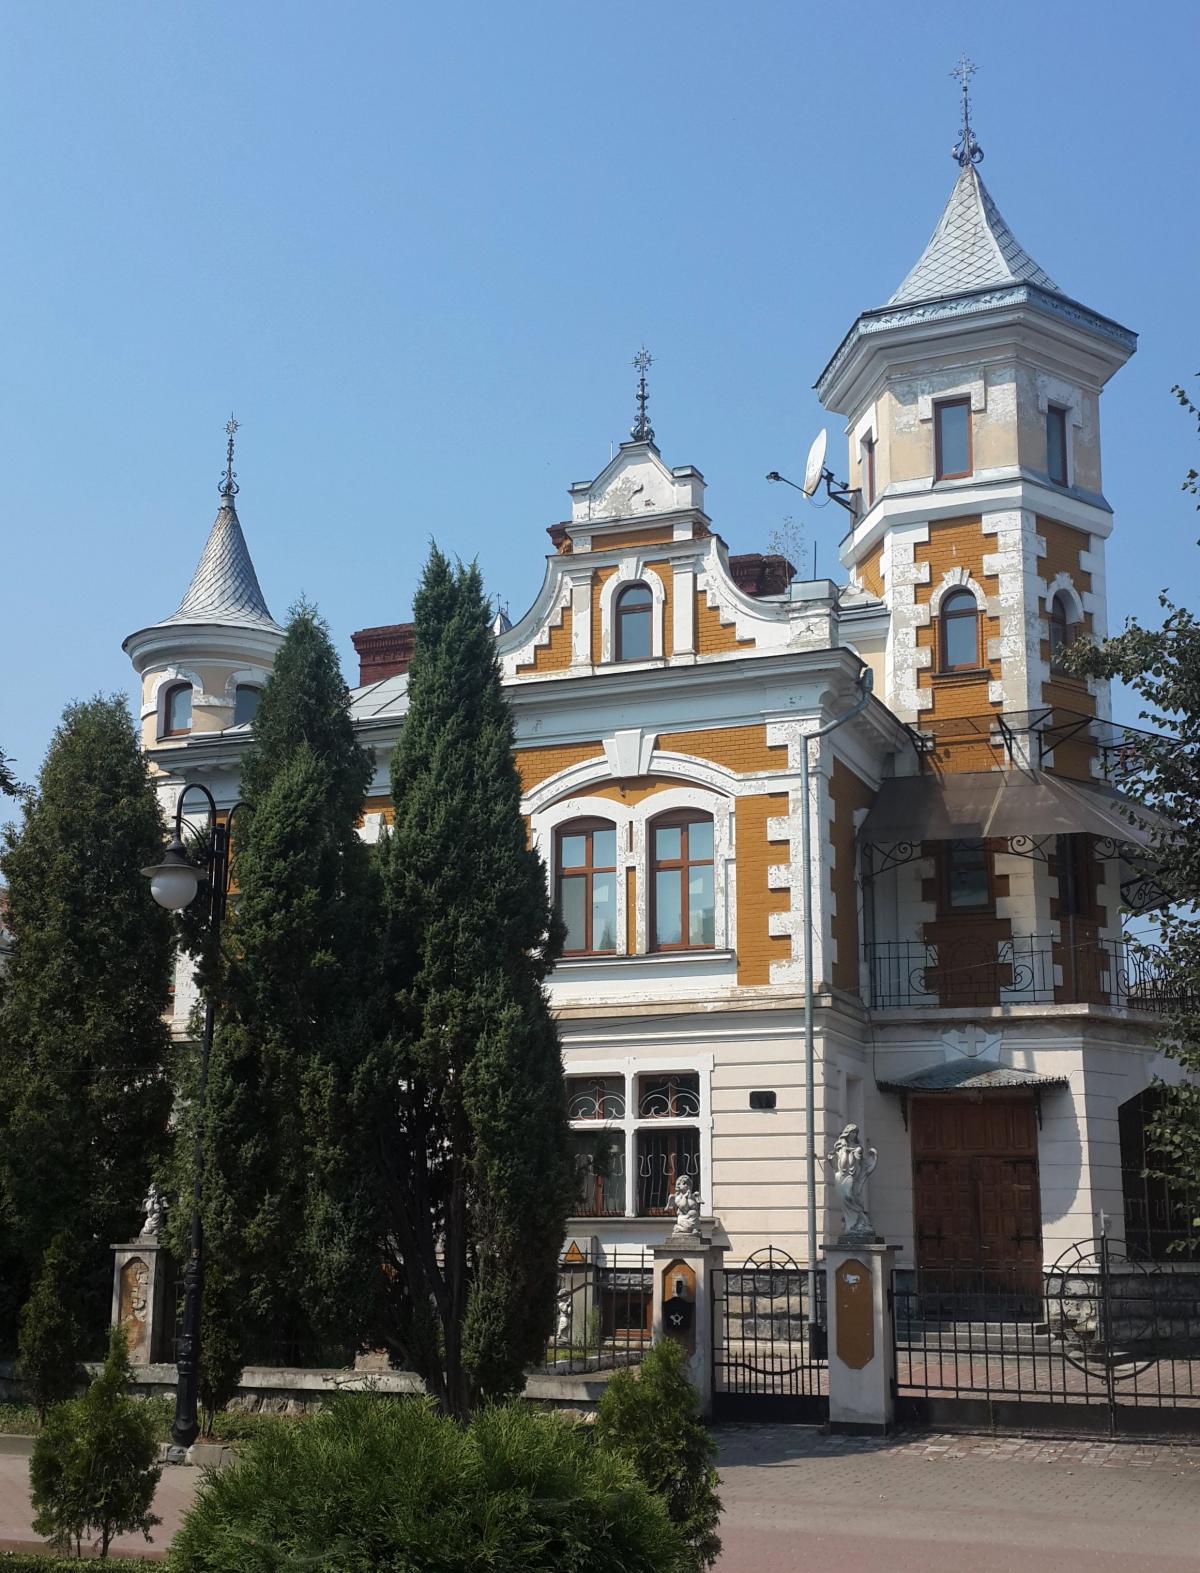 Ивано-Франковск - контрастный город/ Фото Марина Григоренко